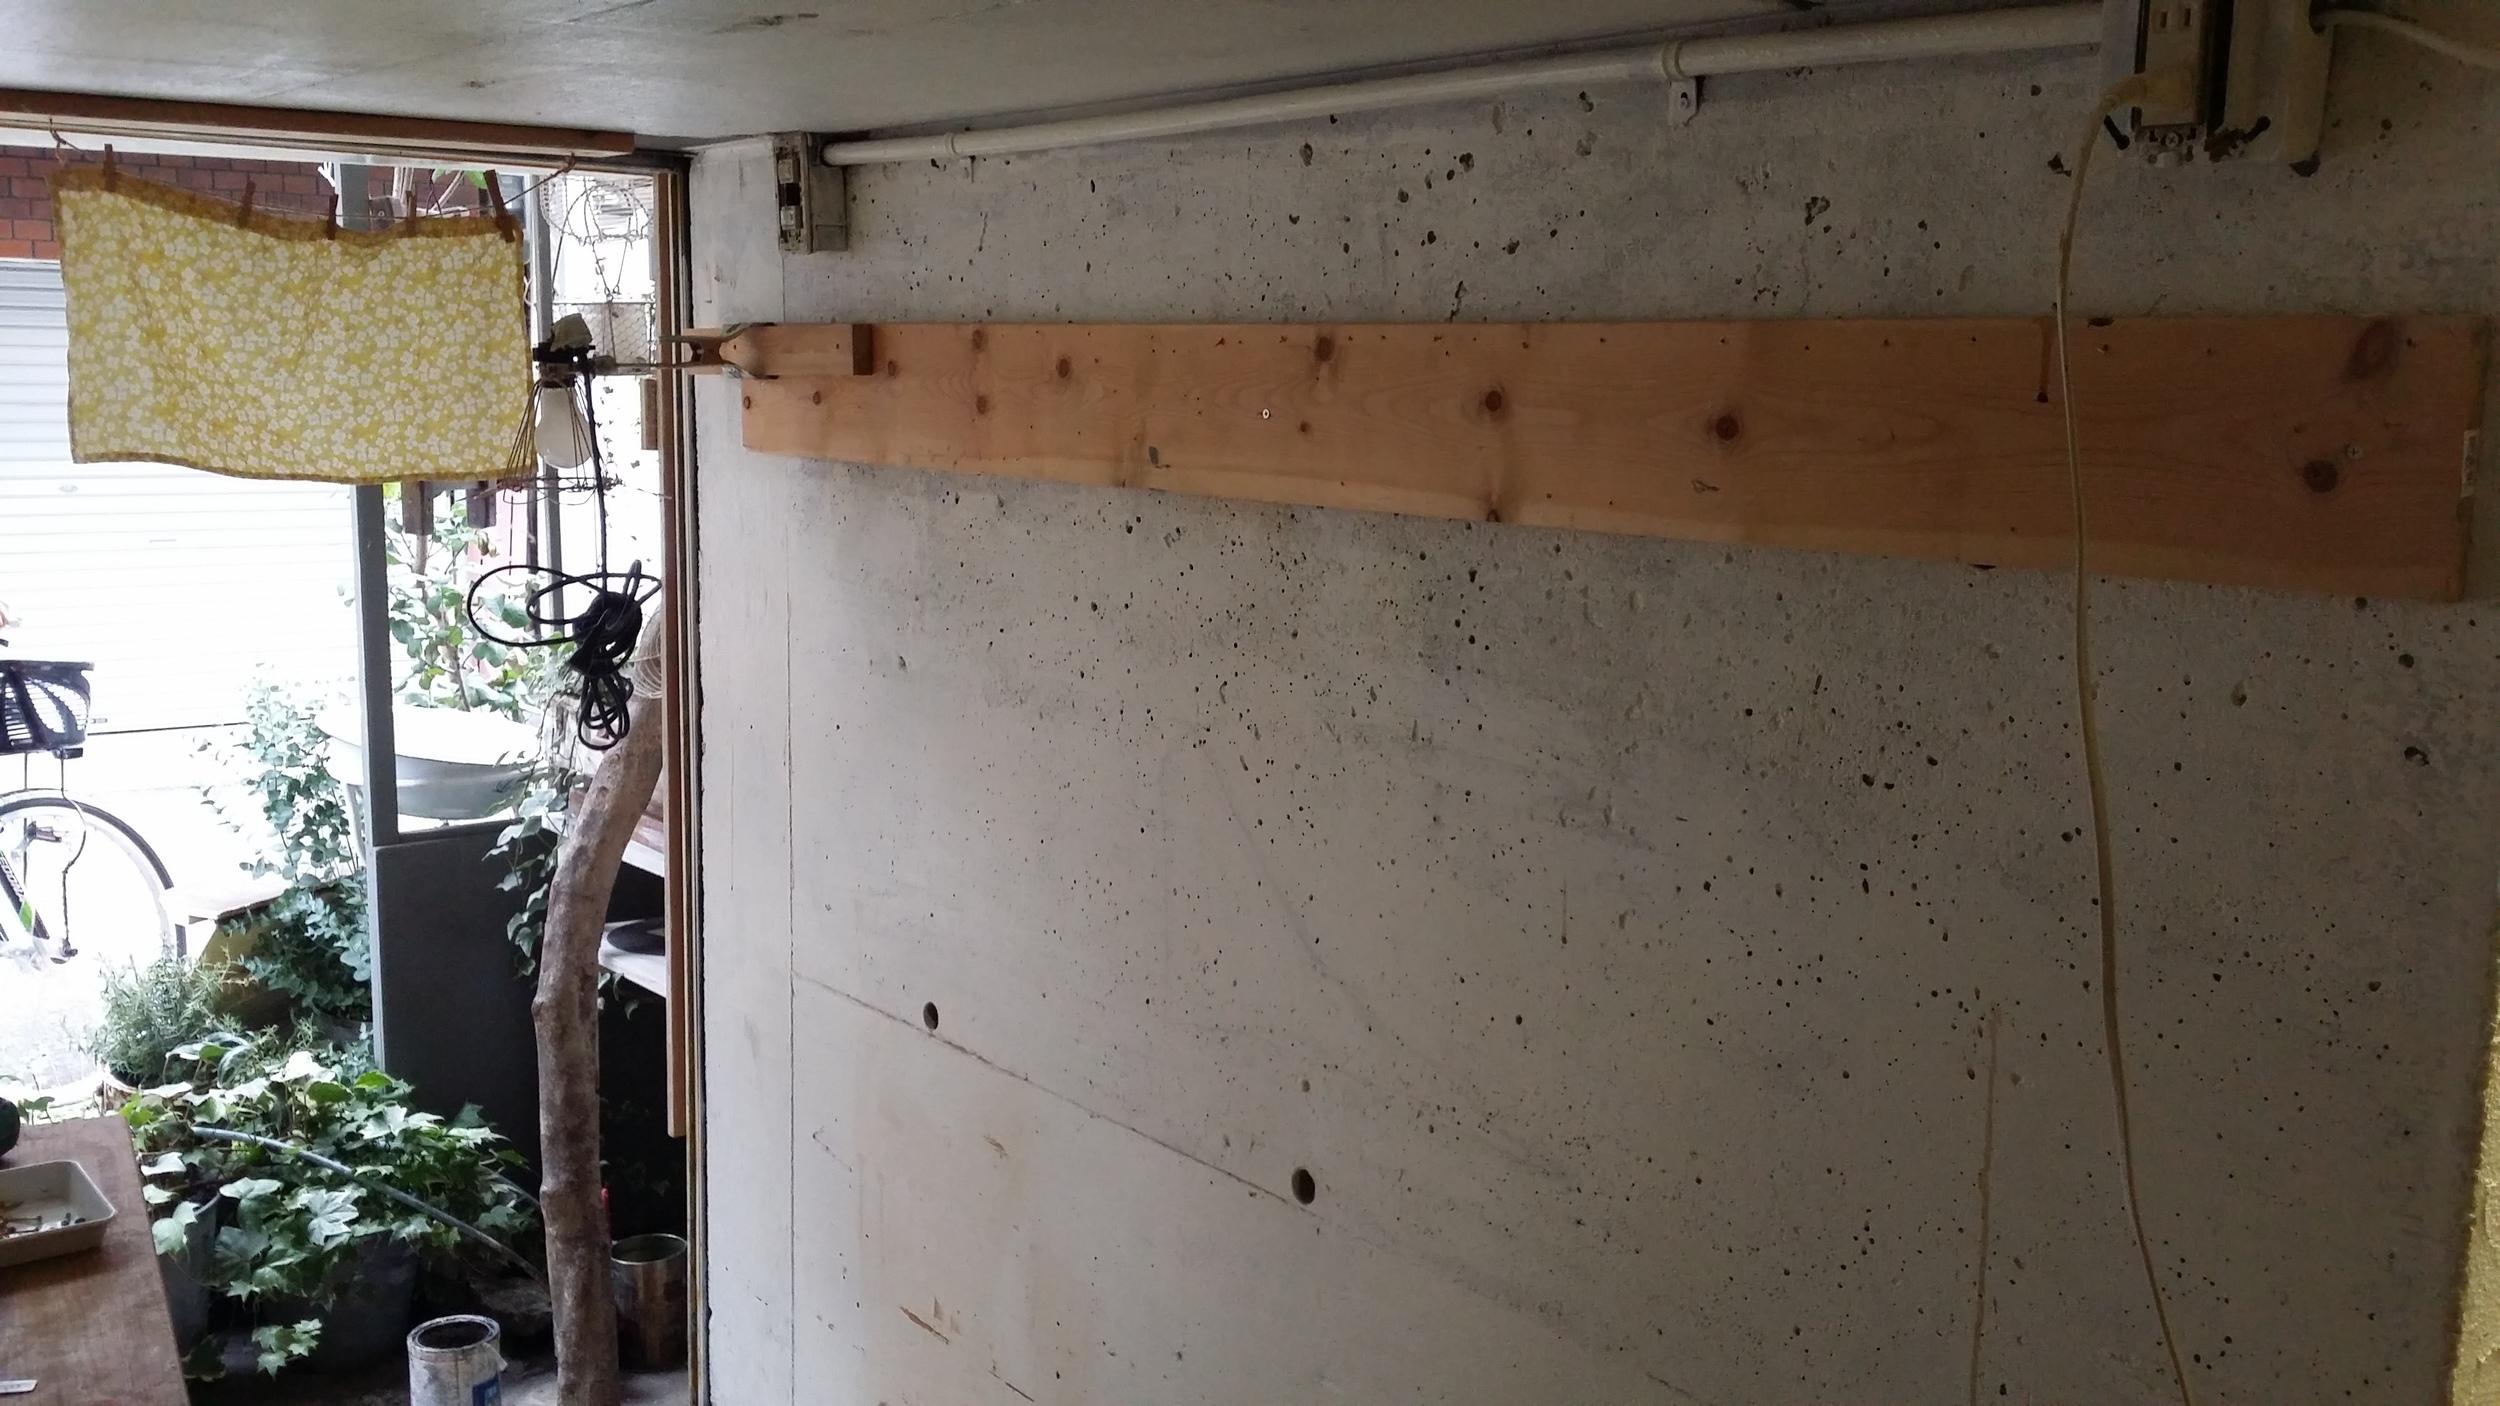 ペンキdiyまずはコンクリートのガレージの壁を塗り替えてみる タカラ